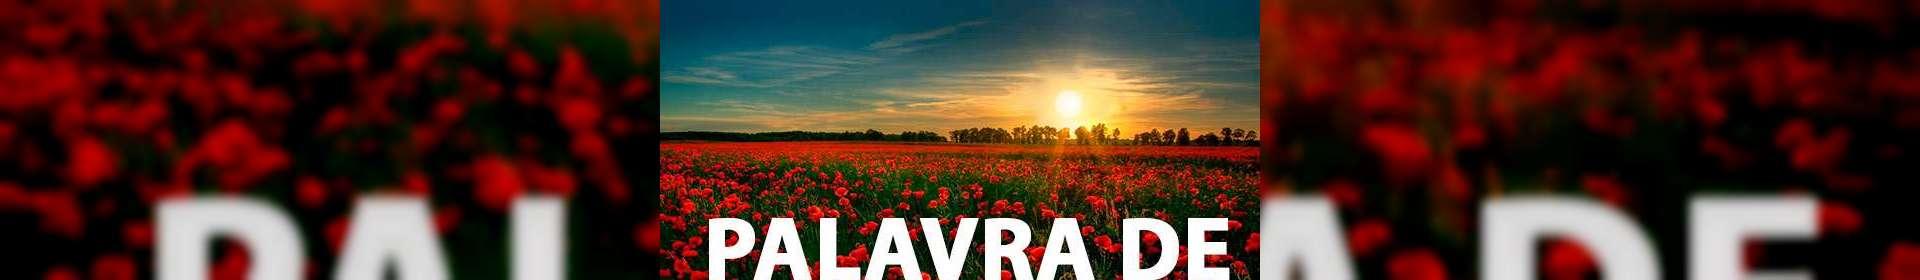 Salmos 100:2,3 - Uma Palavra de Esperança para sua vida